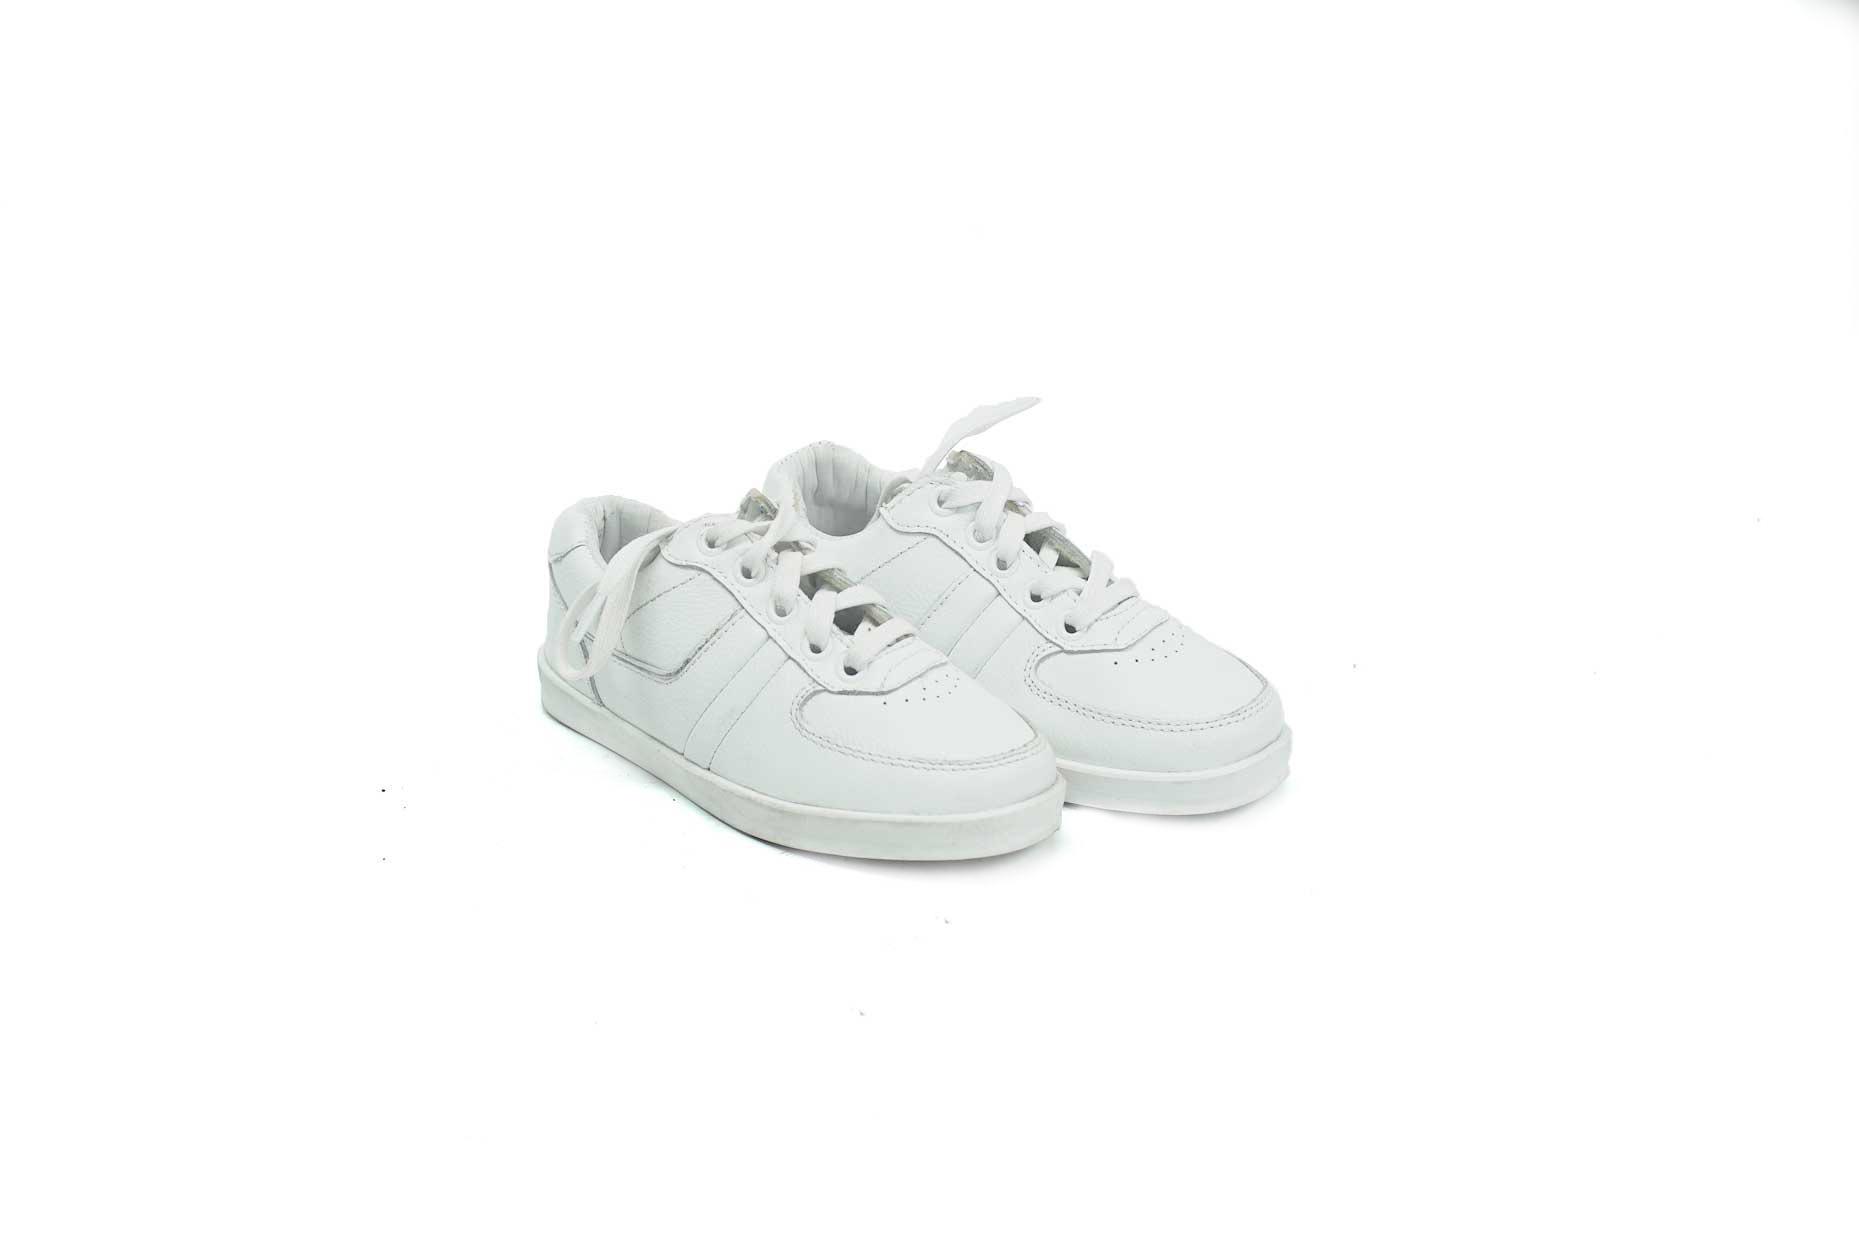 fotos oficiales comprar baratas completamente elegante Zapatos Blancos Gruesos